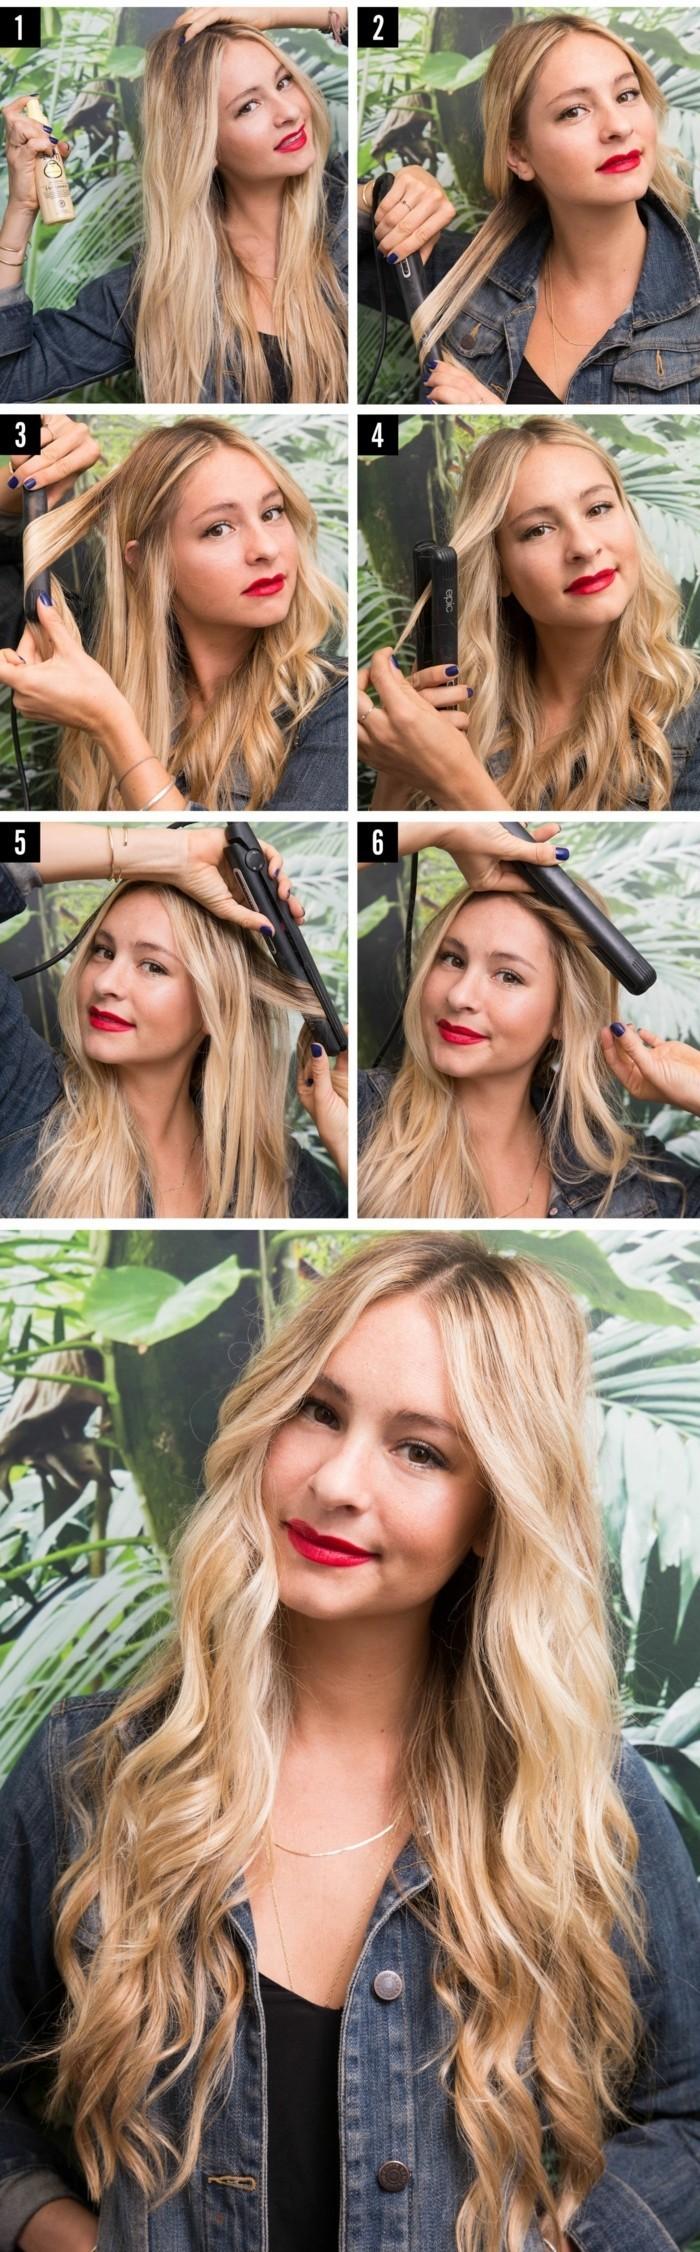 jolie-coiffure-avec-fer-a-lisser-boucler-ses-cheveux-facilement